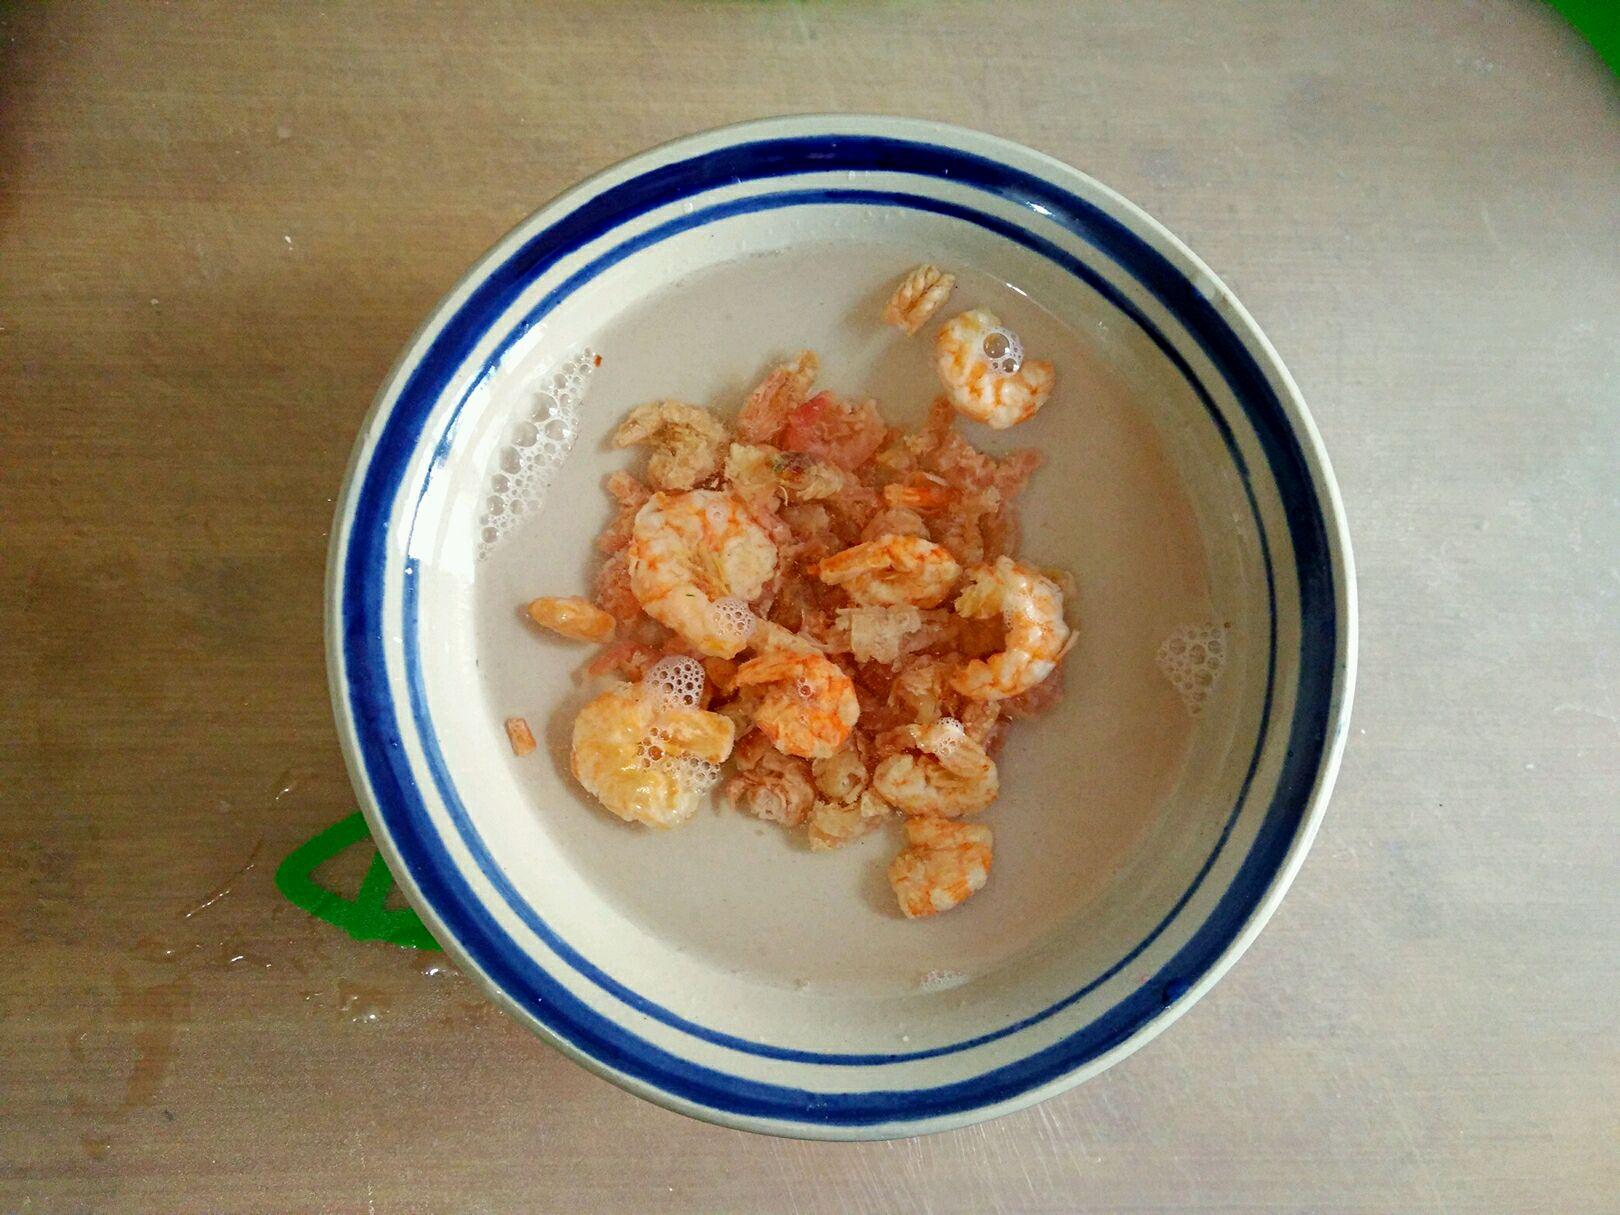 廣式蘿蔔糕,鹹甜軟糯、美味營養高,做法簡單,分分鐘就能學會